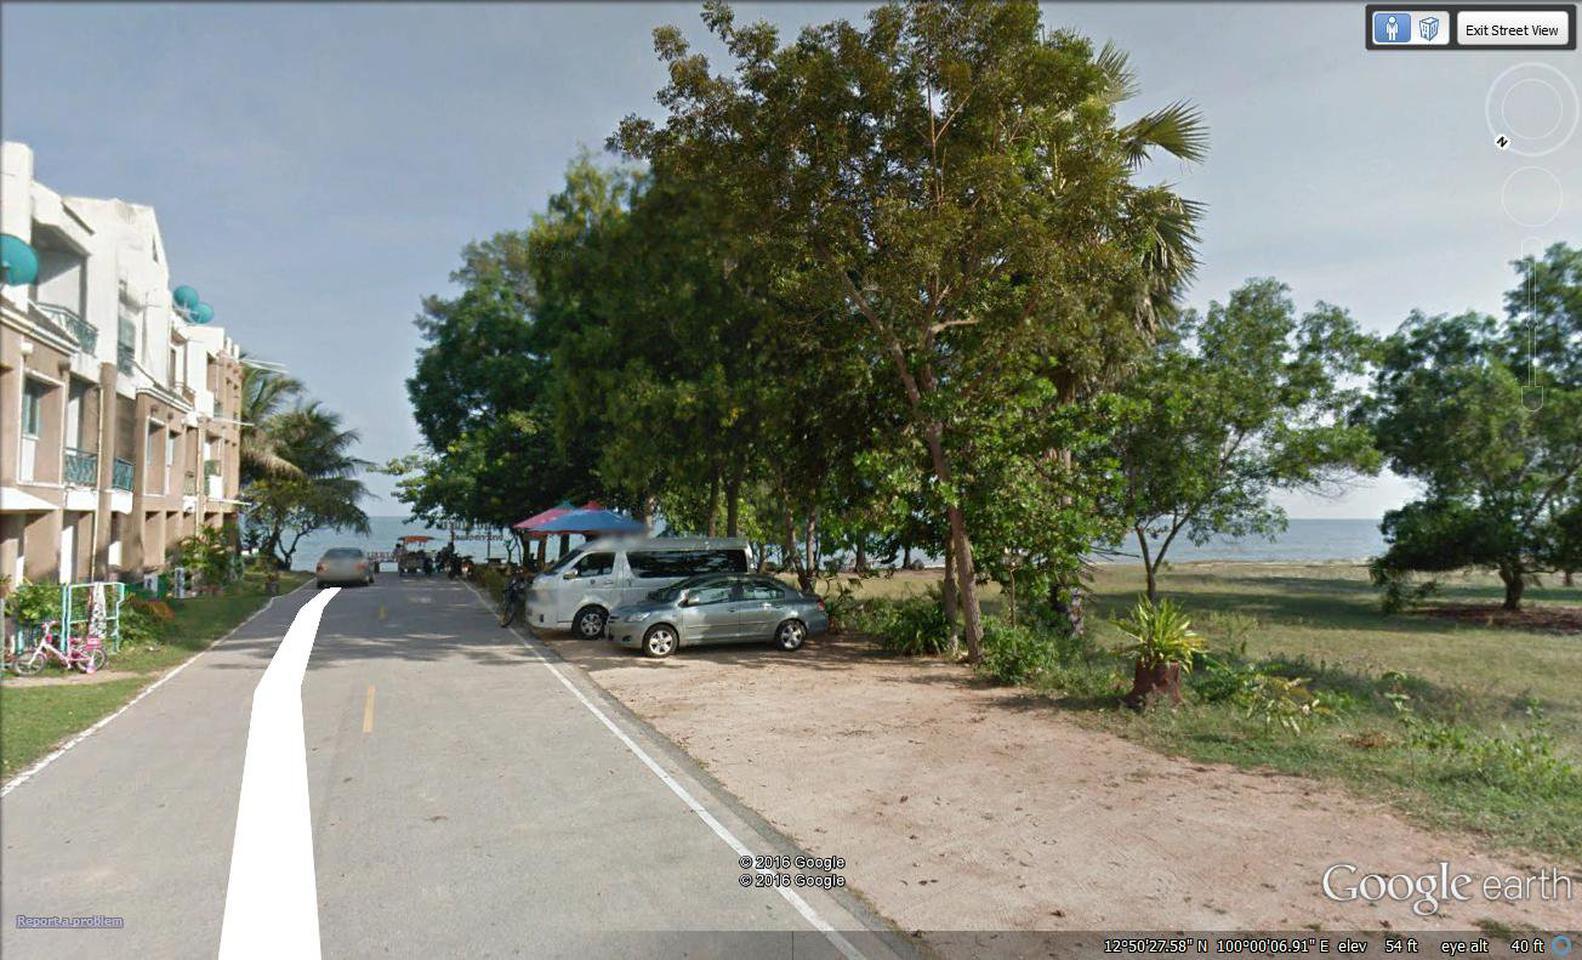 ที่ดินชายทะเล 107 ตรว. บ้านบางเกตุ ซอย2        300 ม.ถึงชายหาด บรรยากาศ สงบ รูปที่ 2